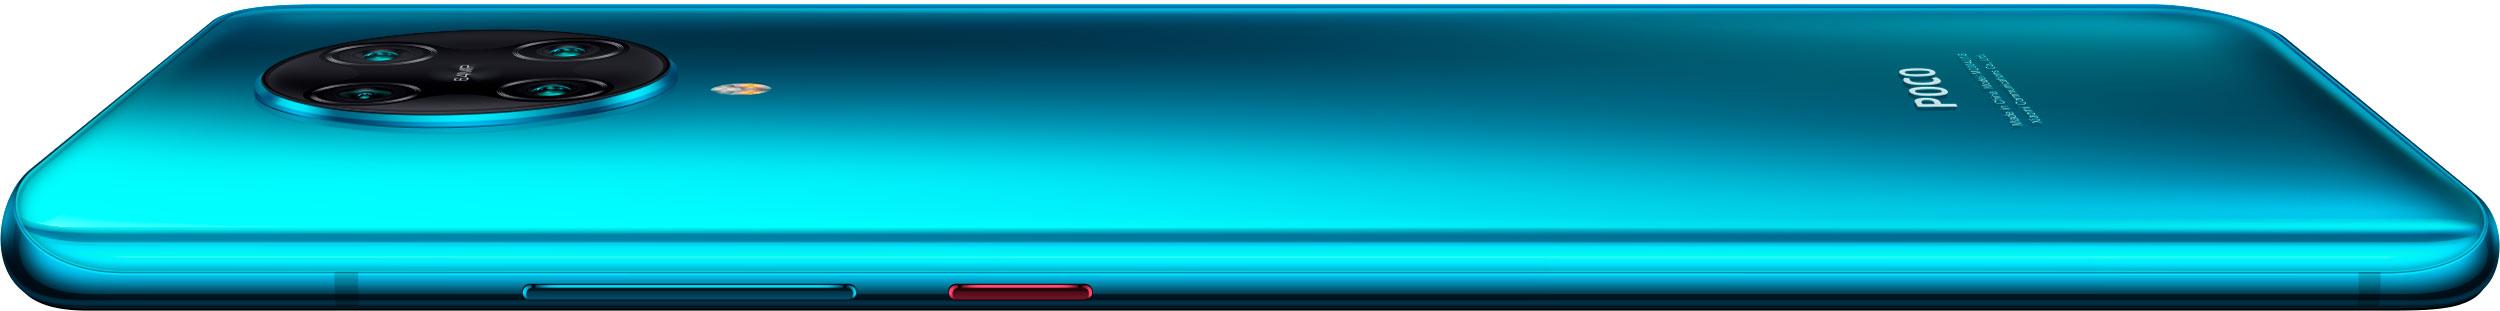 Smartphone POCO F2 Pro - 8+256GB - Albastru